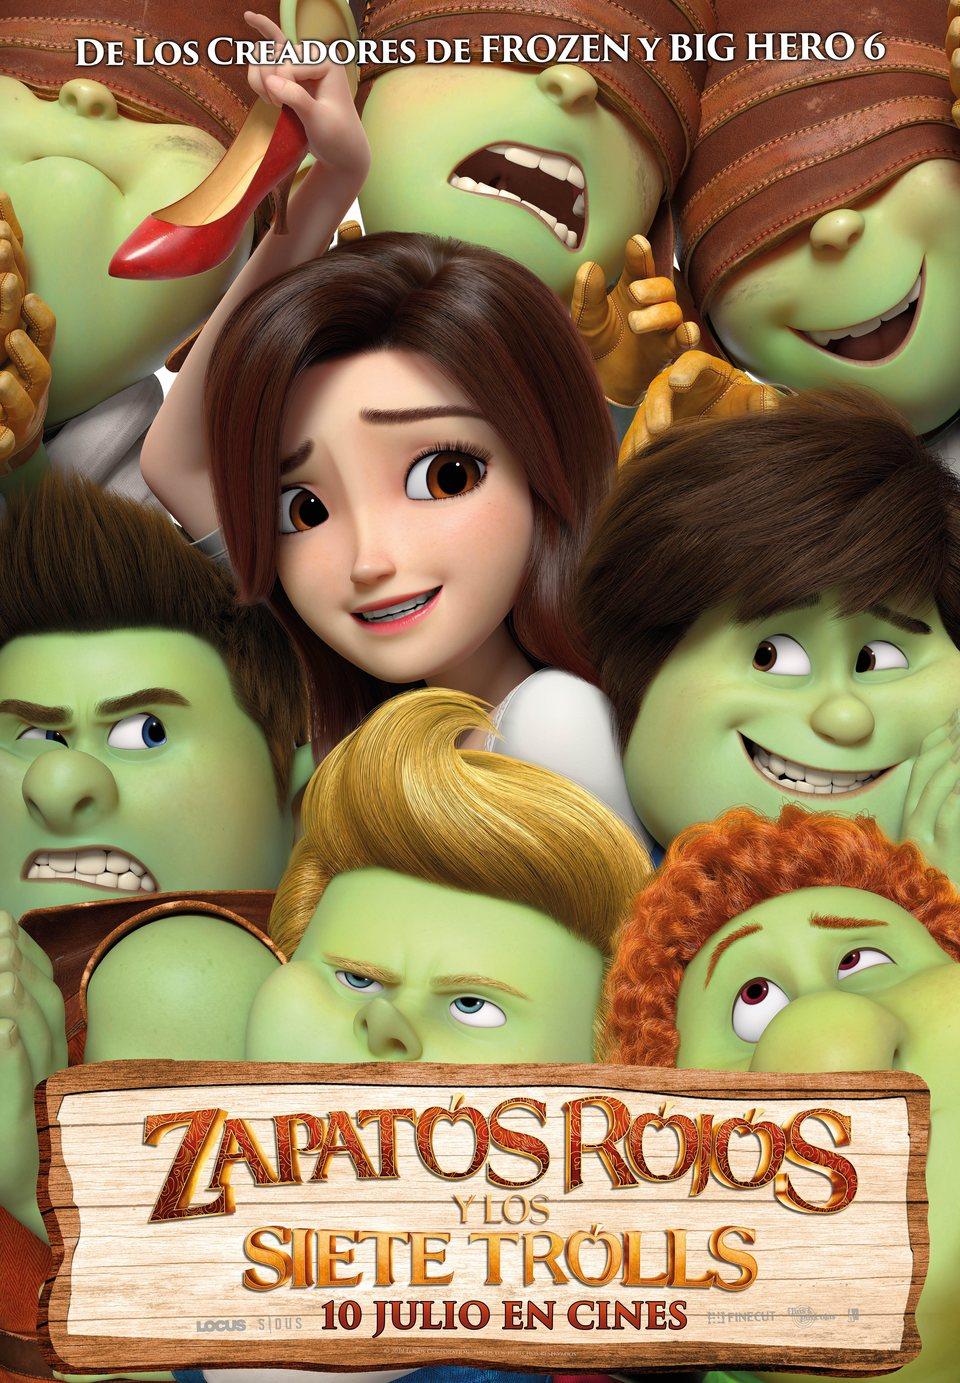 Cinema sota les estrelles: ZAPATOS ROJOS Y LOS SIETE TROLLS / 08-07-2021, a les 22 h, a l'Hospitalet de l'Infant